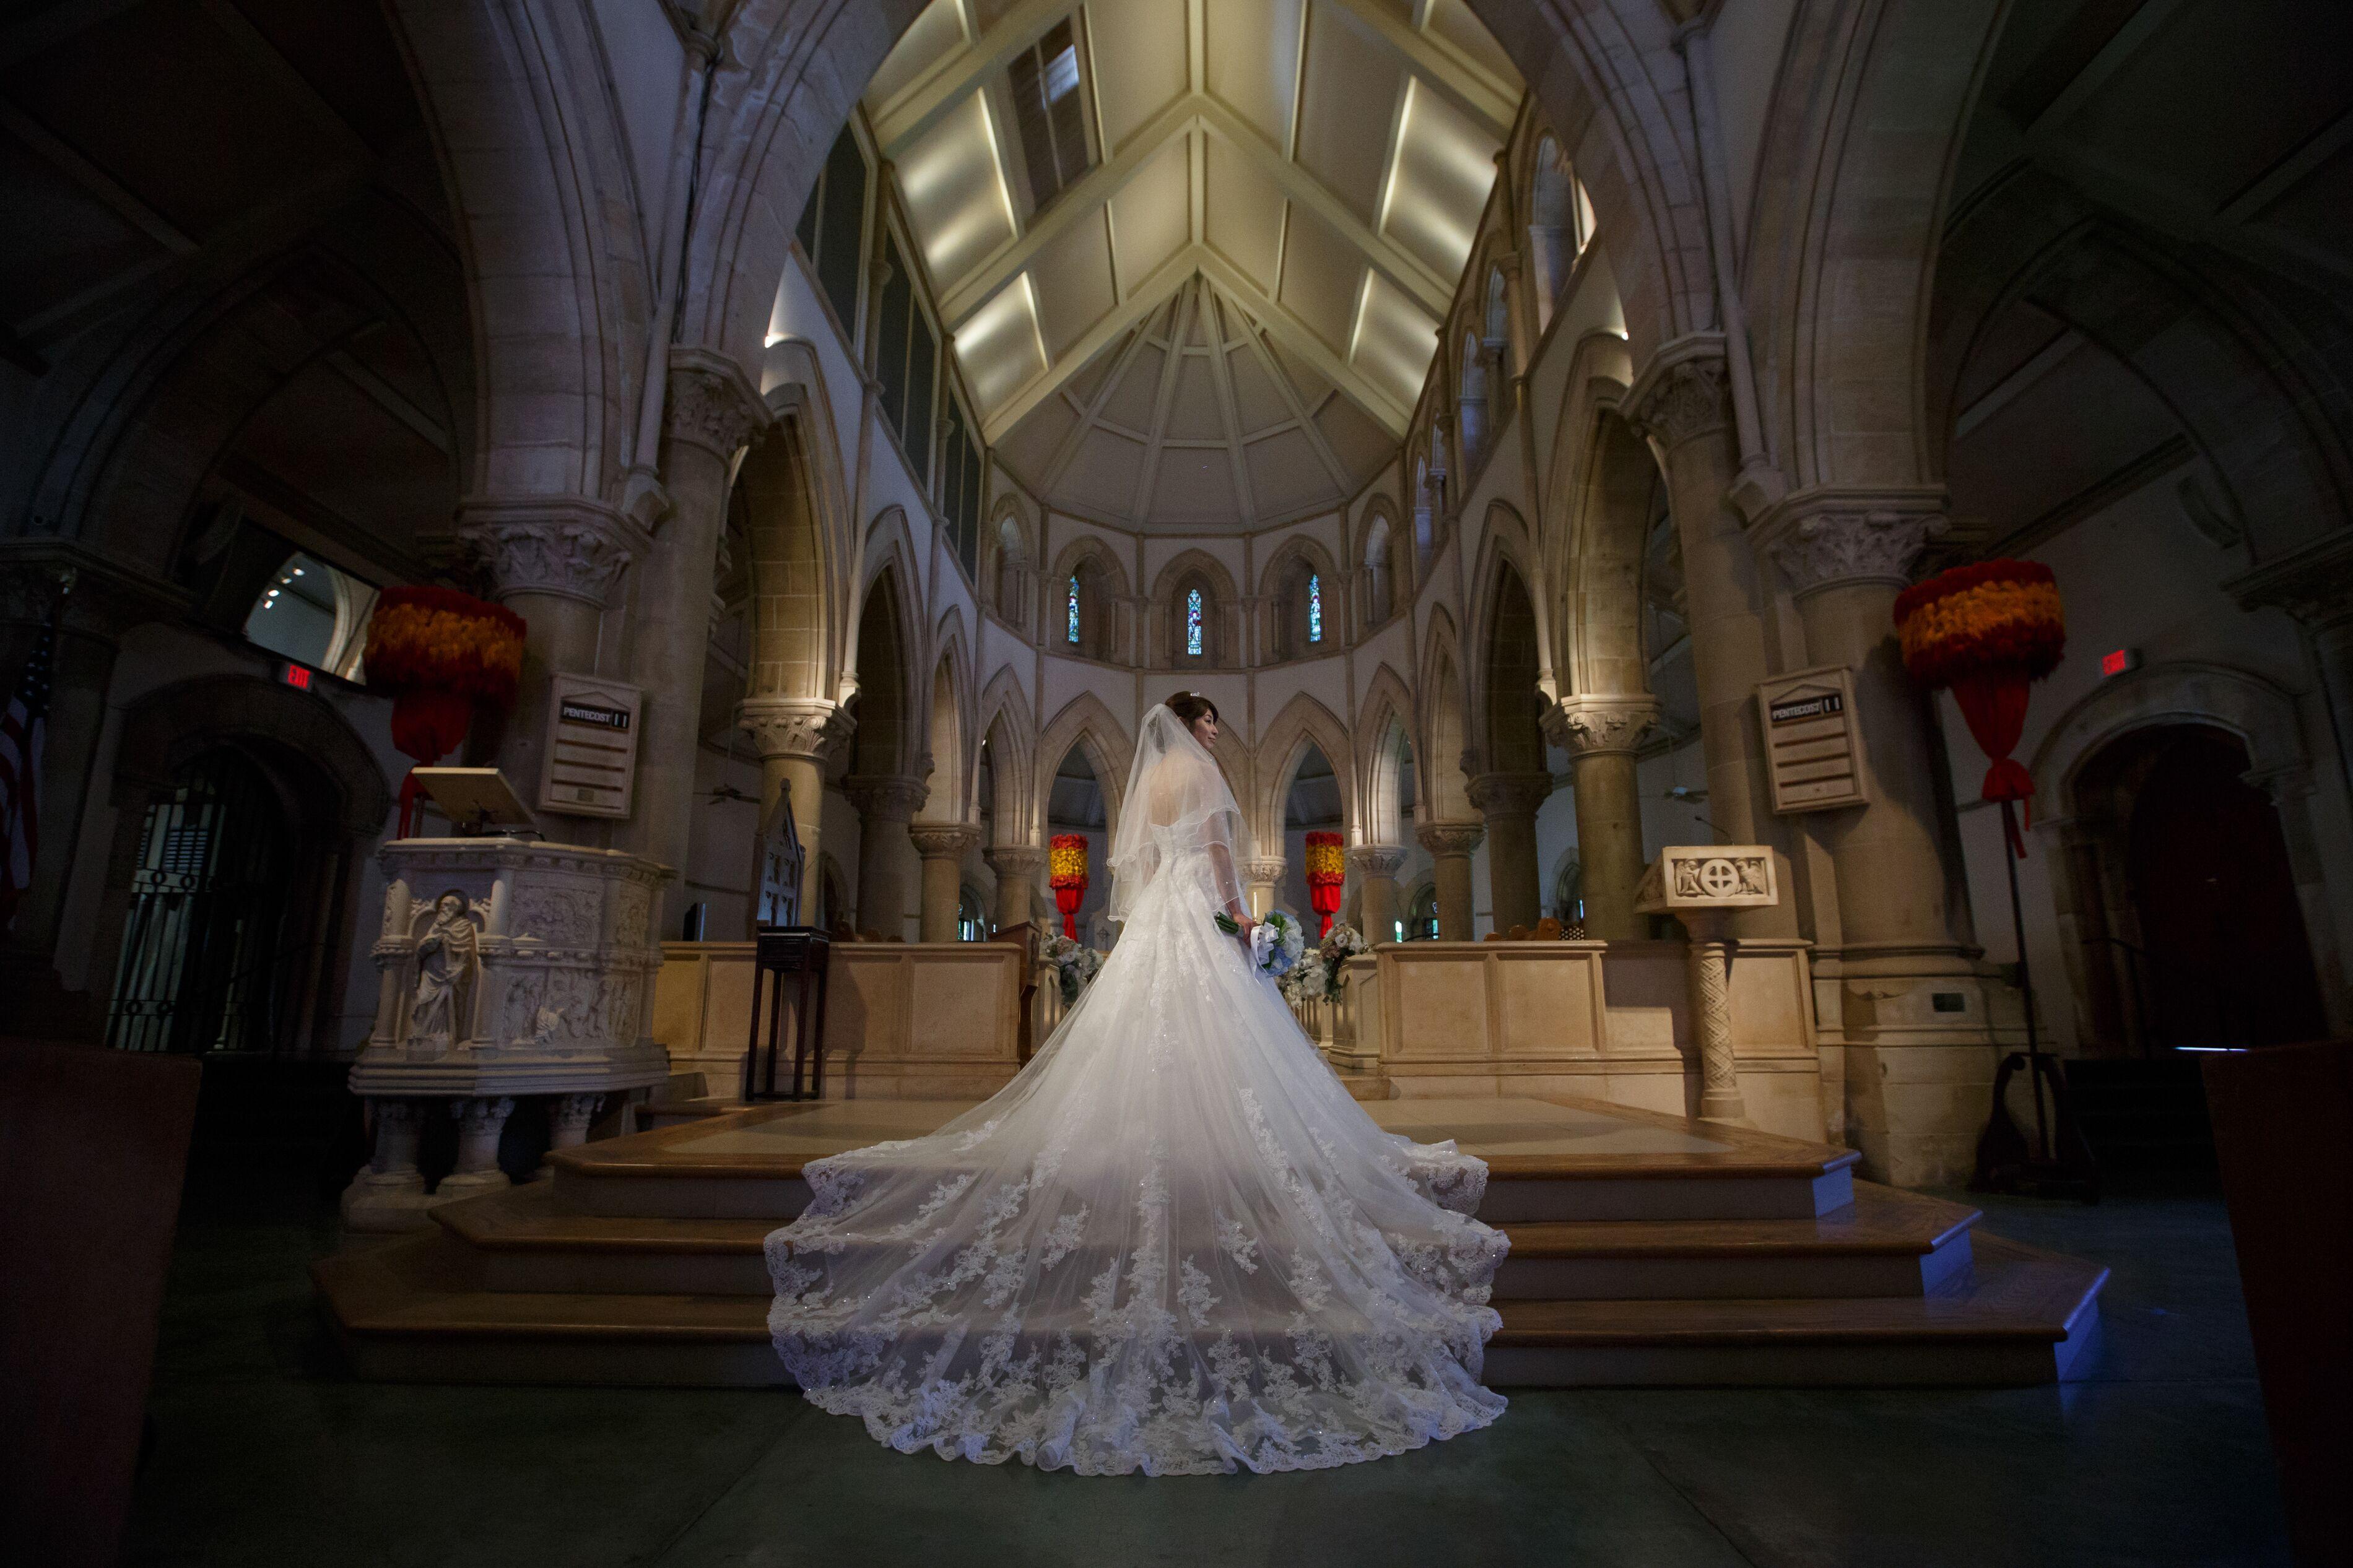 【ハワイ挙式】幻想的なステンドグラスが魅力的!セントアンドリュース大聖堂にて結婚式を挙げました♡♡_4